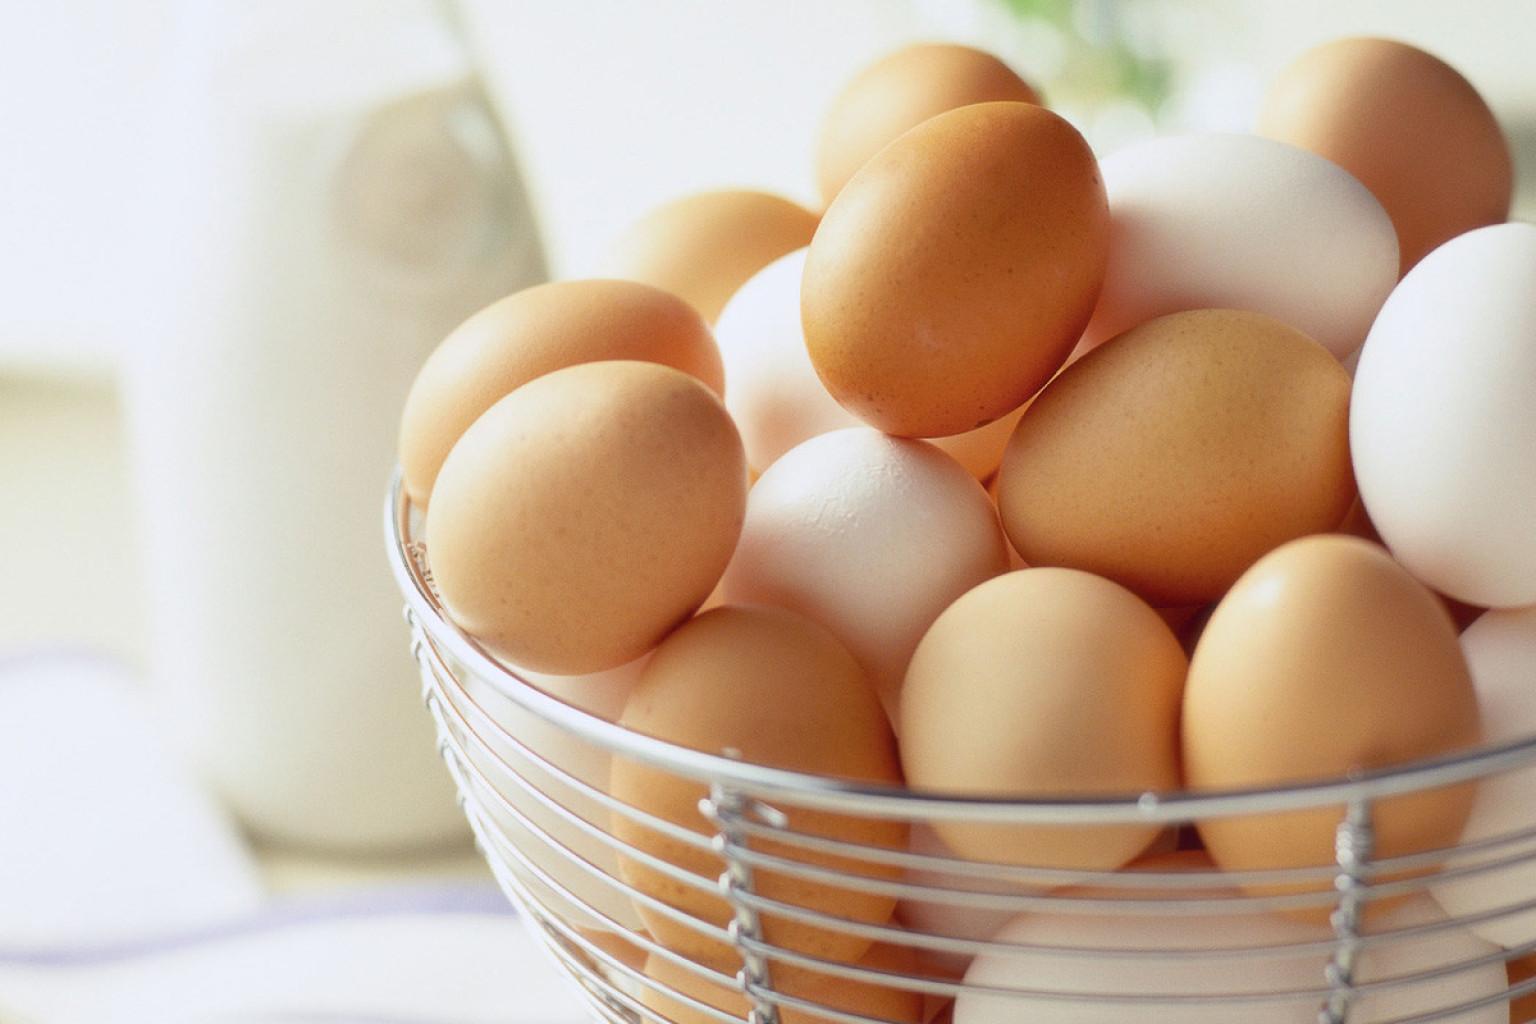 File photo: Eggs